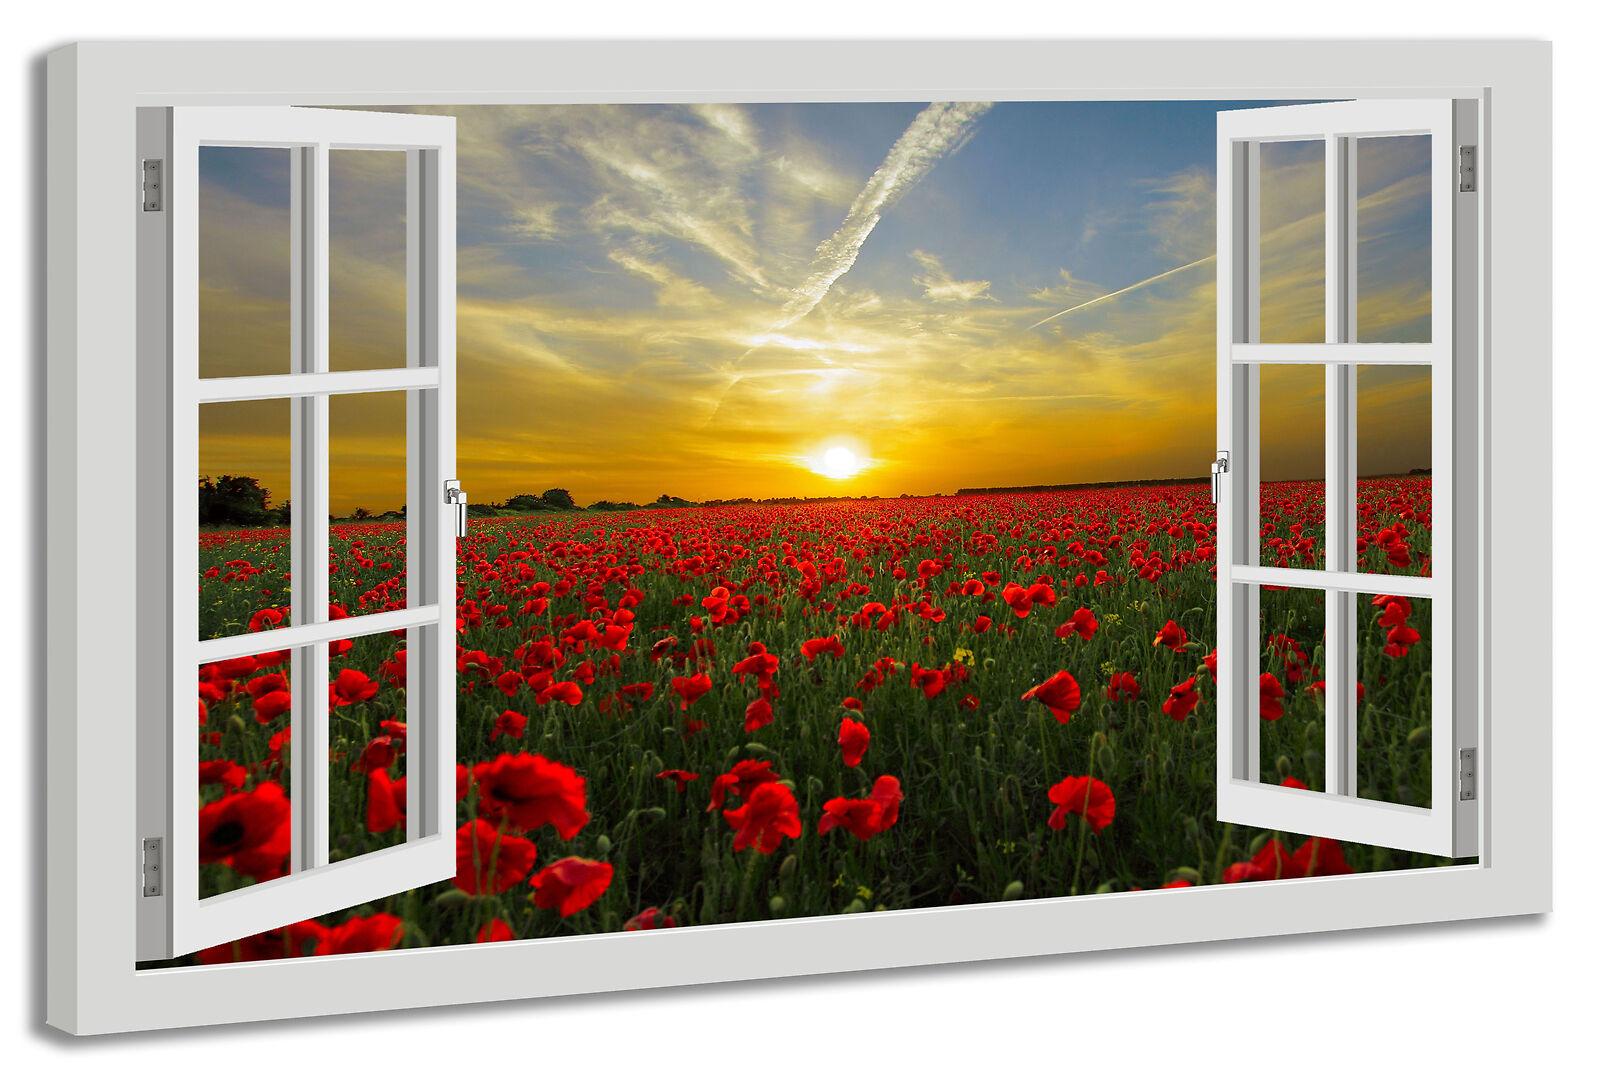 Toile la fresque fenêtre vue pavot soleil horizon coucher de de coucher soleil 09e315